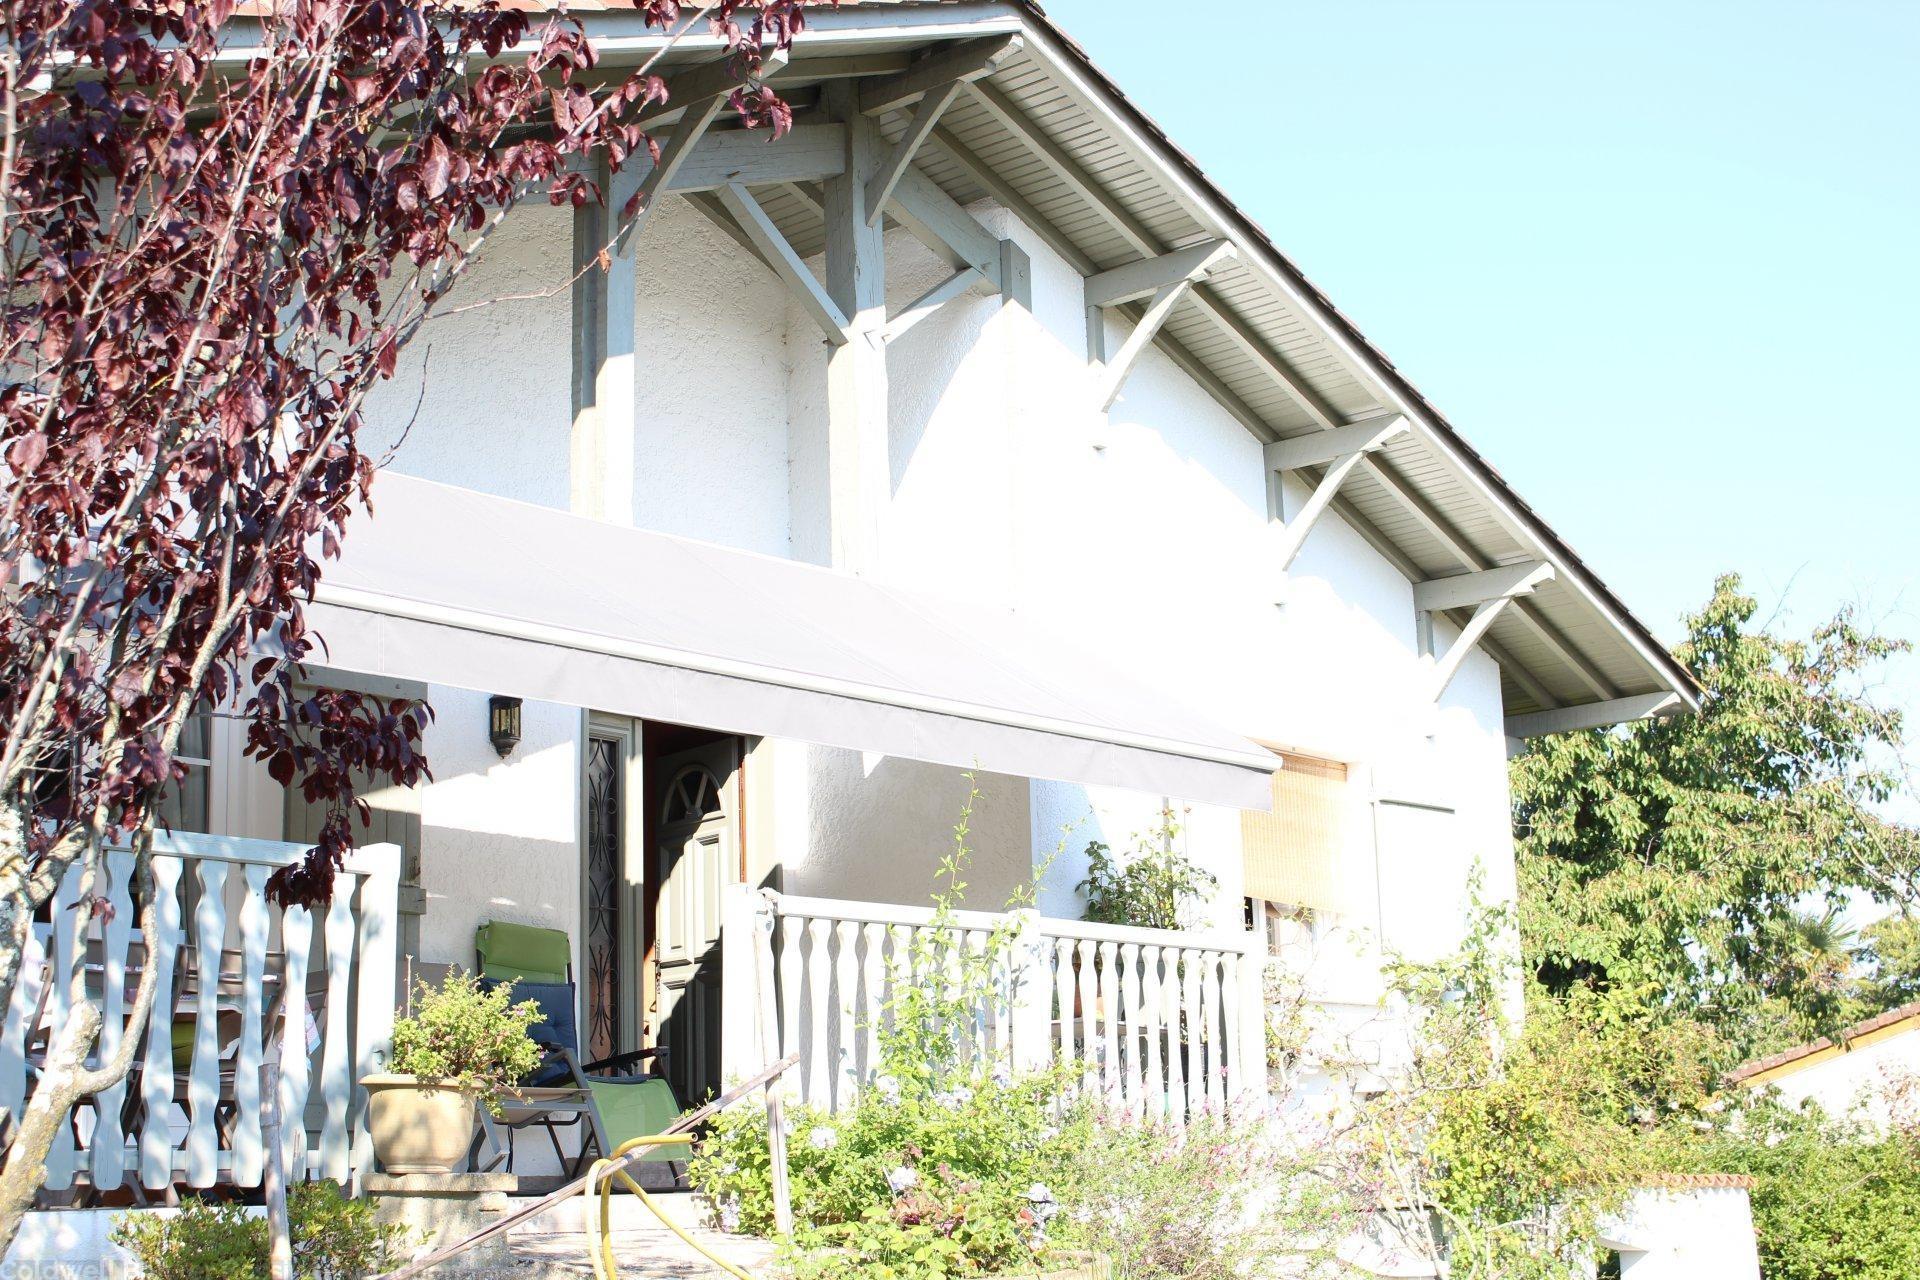 Achat maison familiale 5 chambres plus de 150 m2 la teste de buch